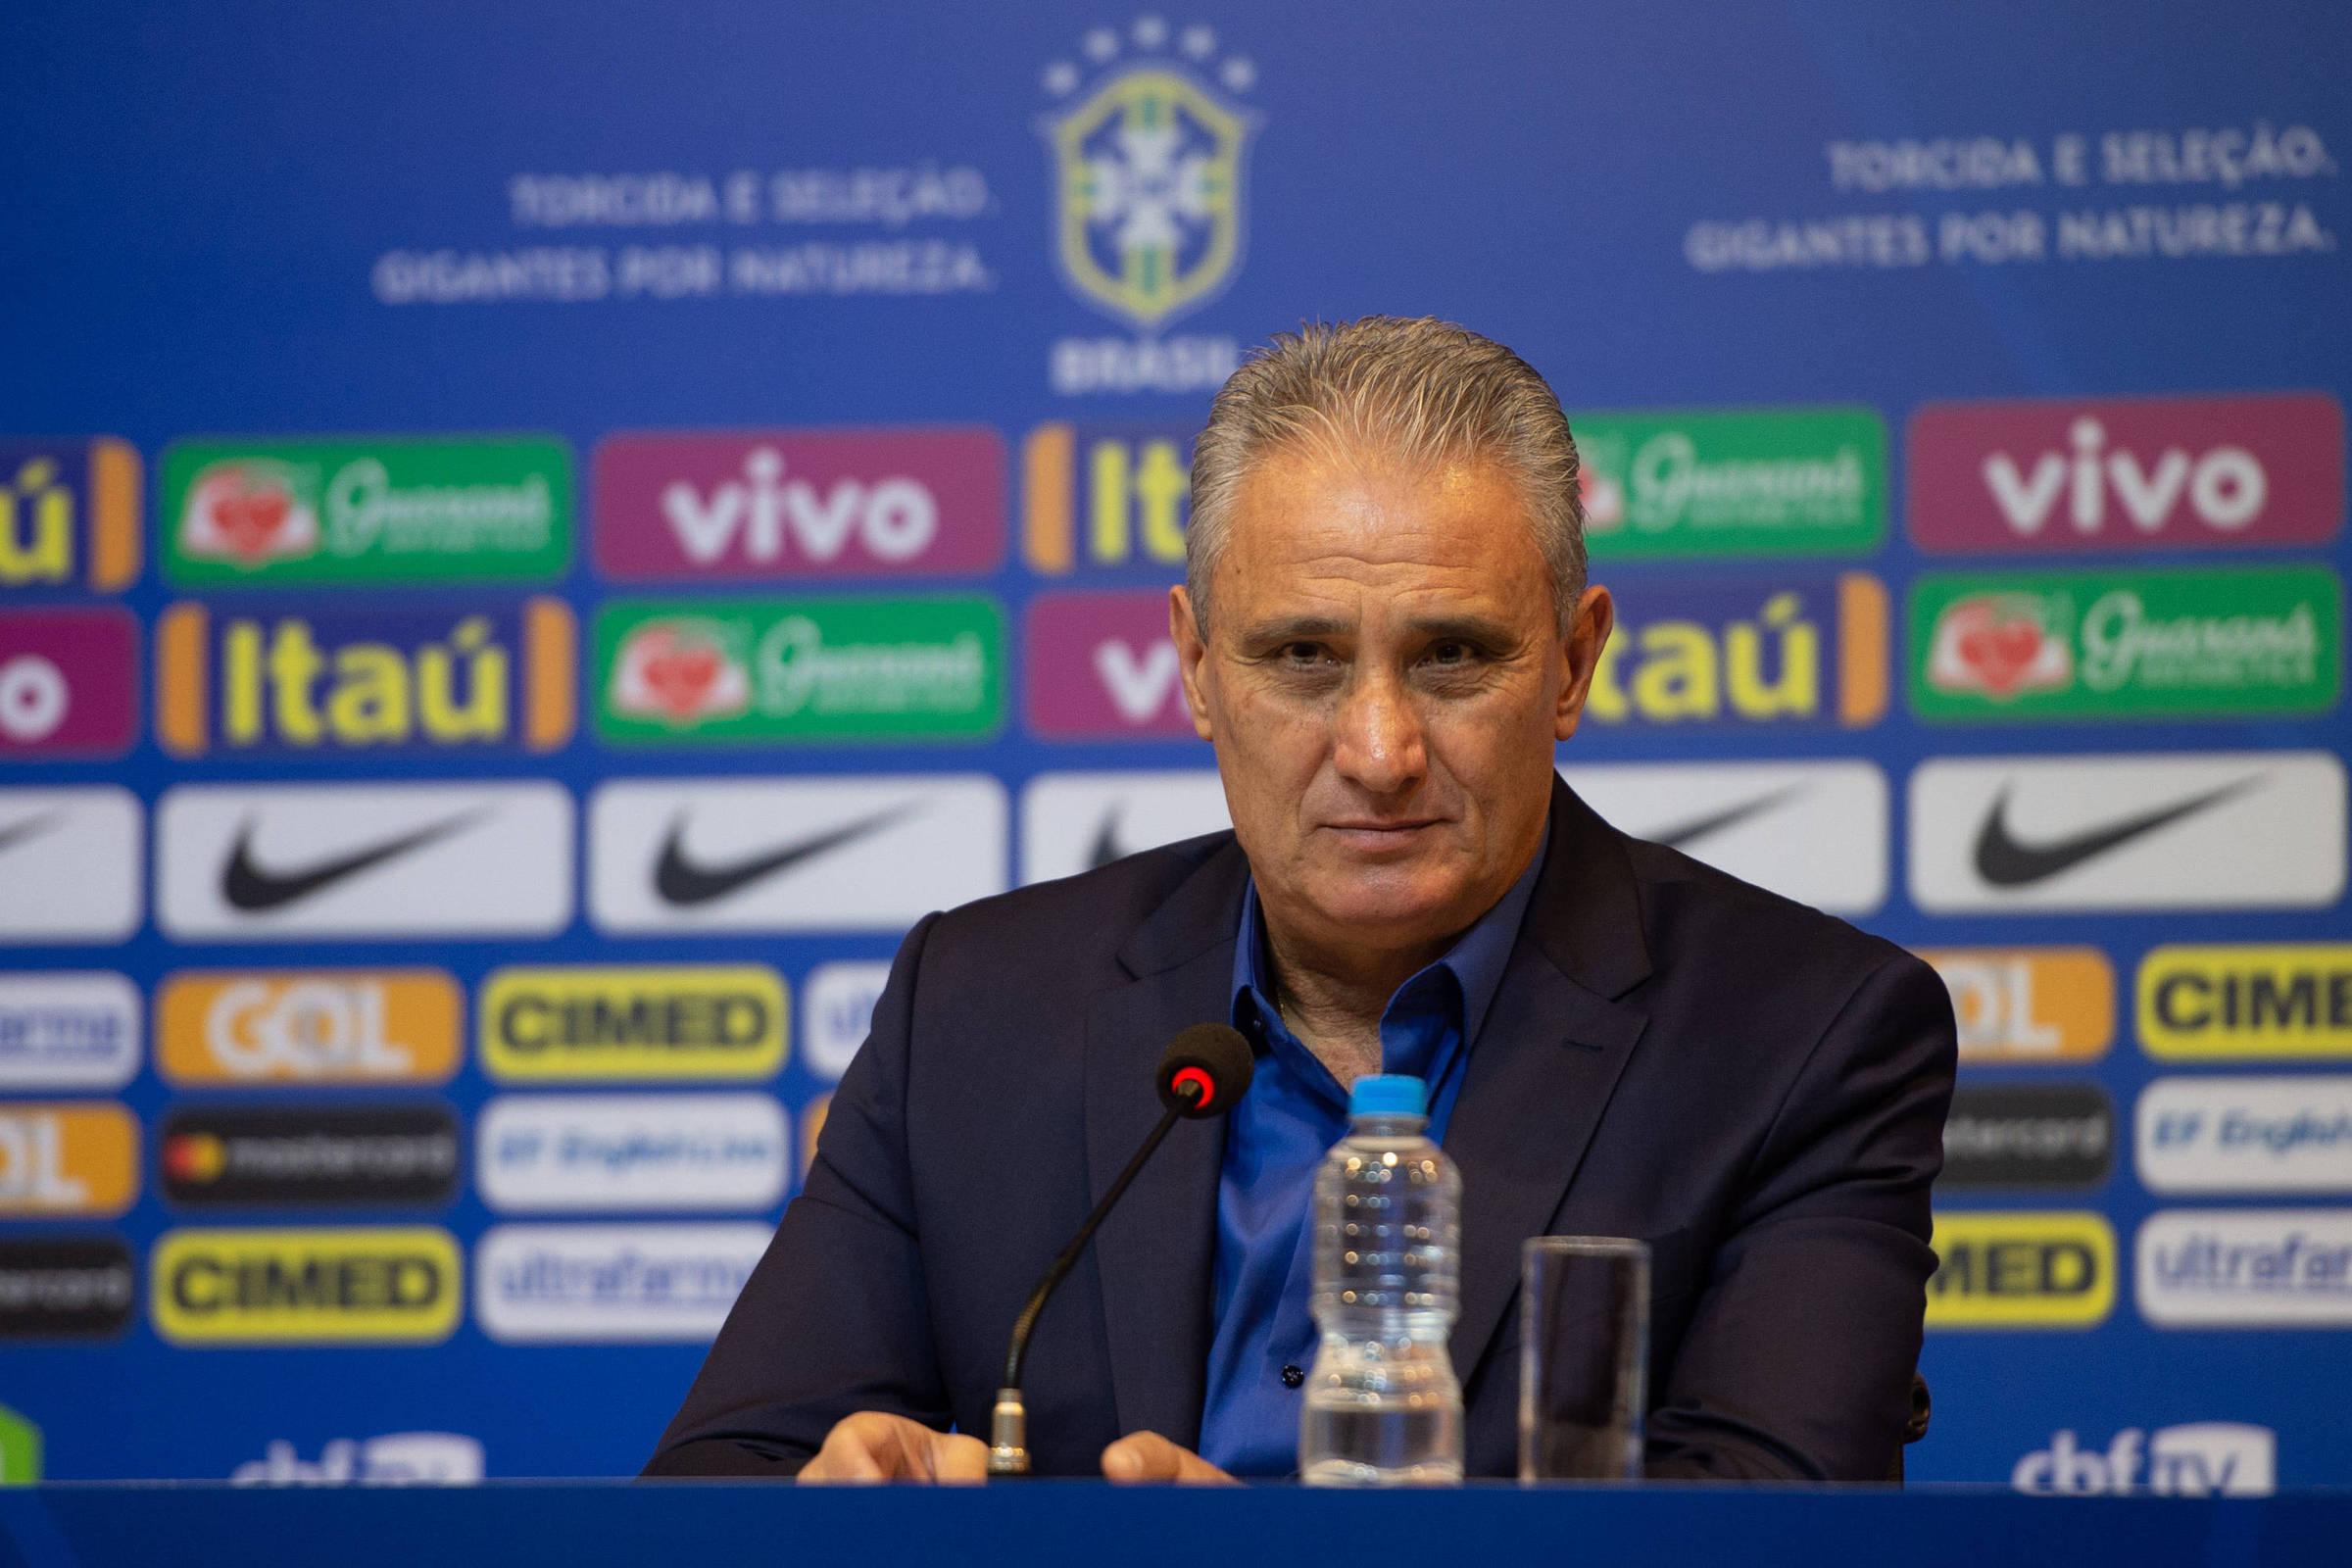 de9dbbfb6f Tite convoca seleção com 11 novidades em relação à lista da Copa do Mundo -  17 08 2018 - Esporte - Folha